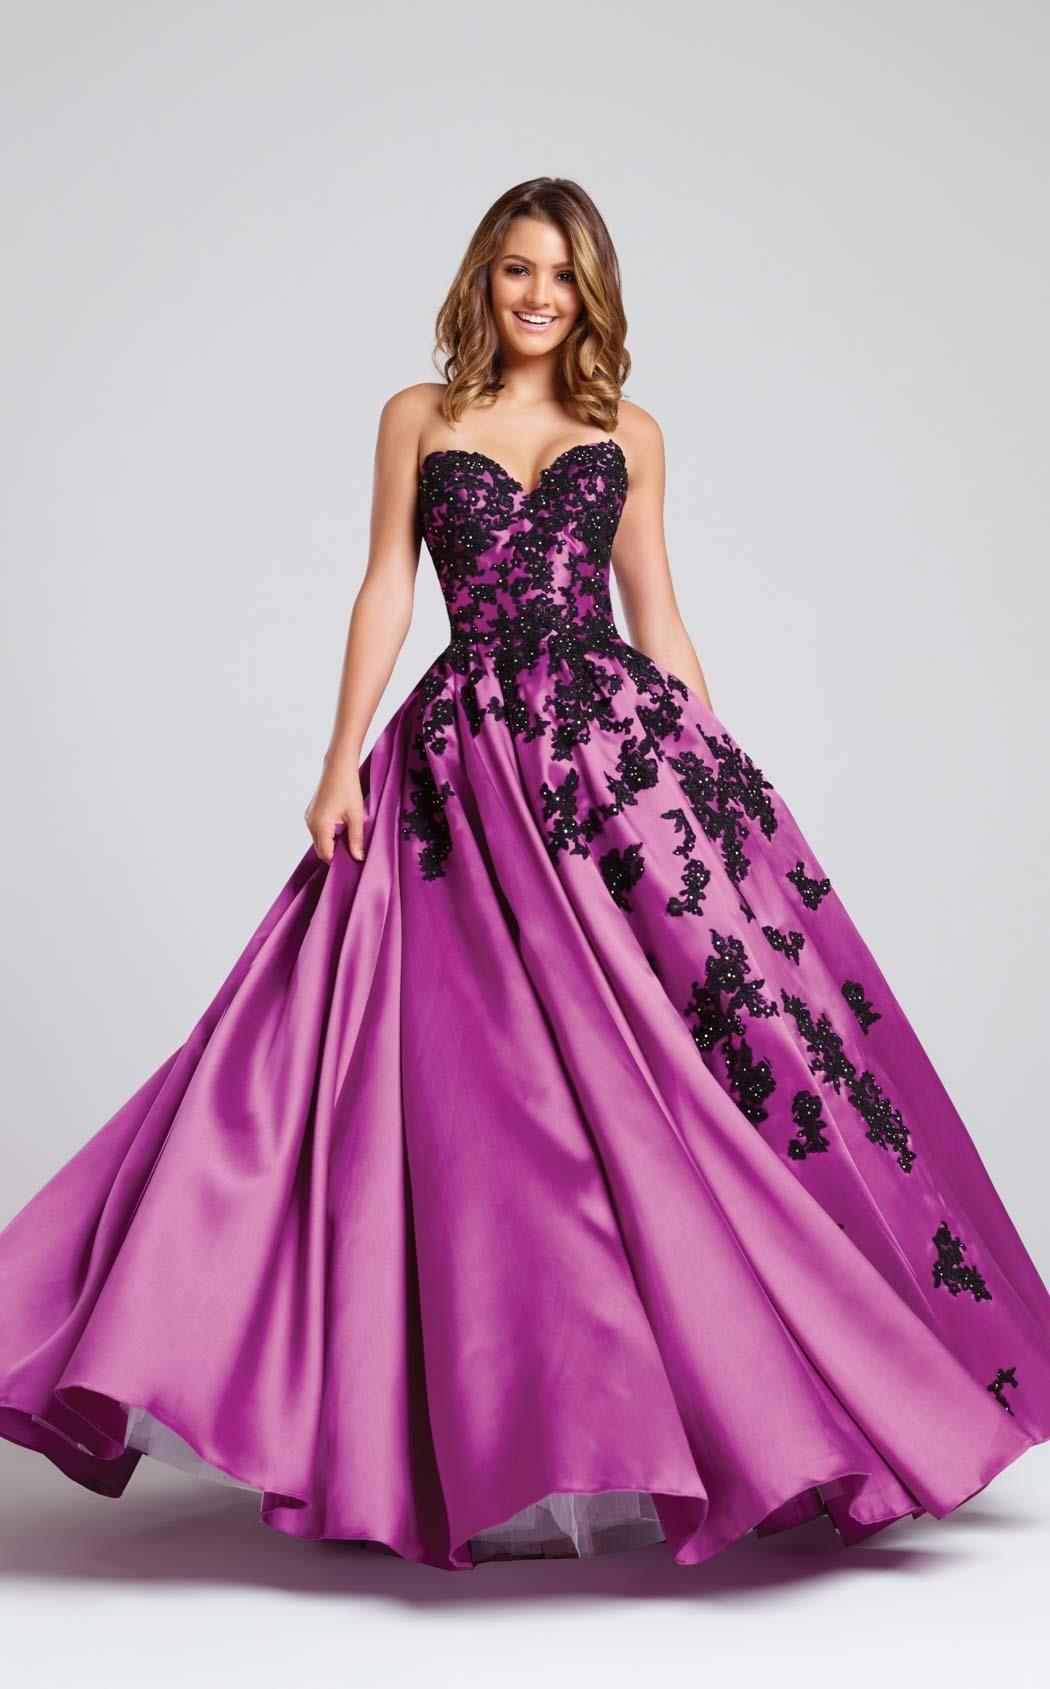 Vistoso Prom Girl Más El Tamaño De Vestidos Ideas Ornamento ...